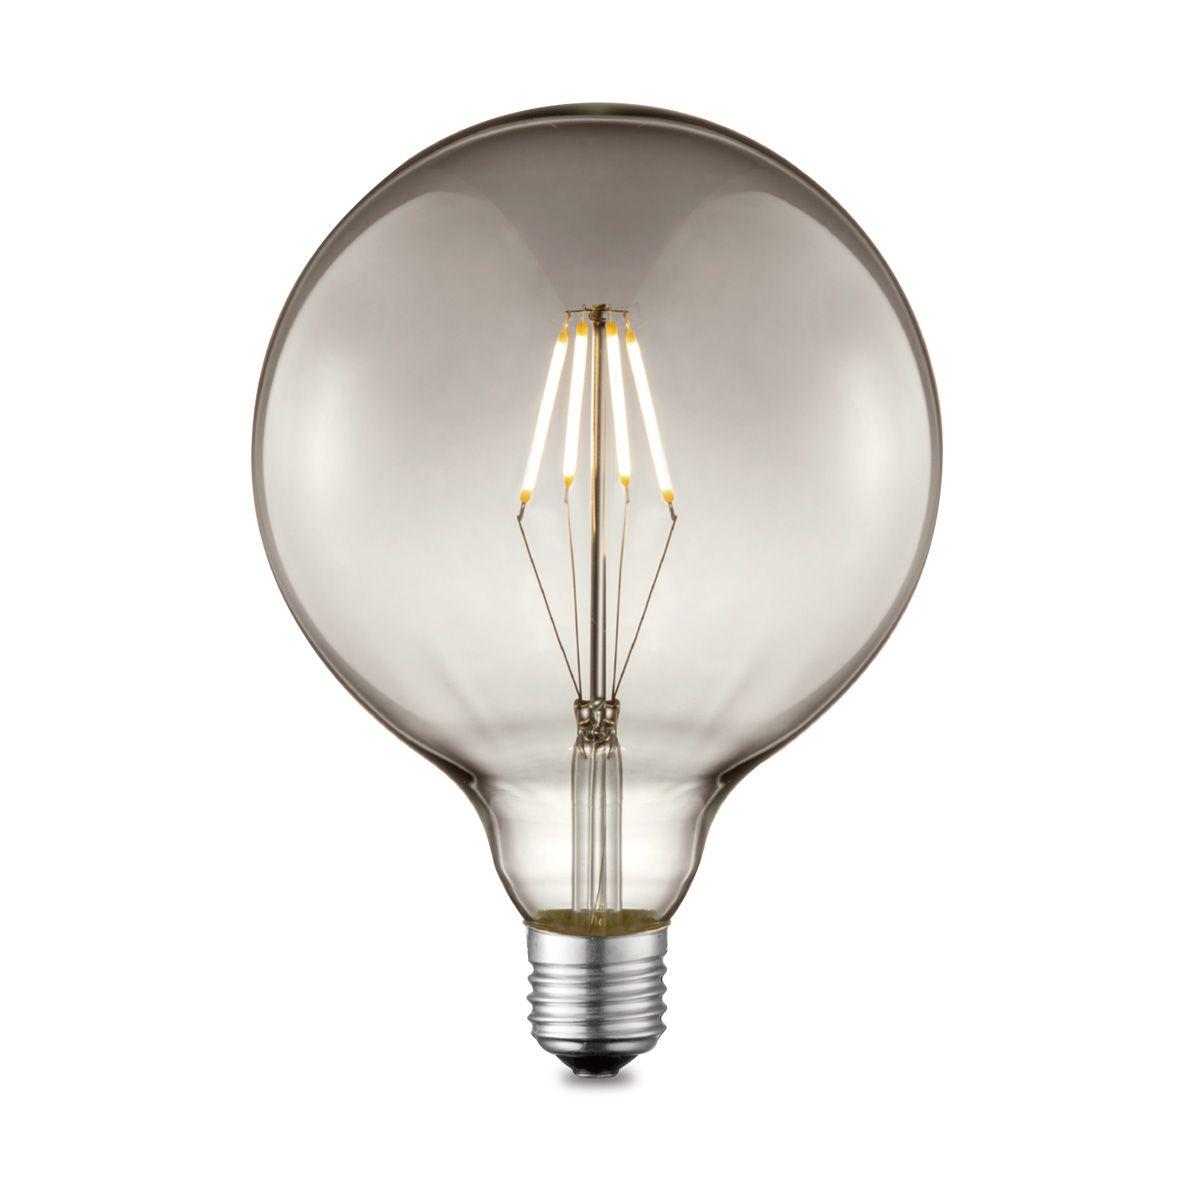 Light depot LED lamp Globe G125 E27 4W dimbaar smoke Outlet